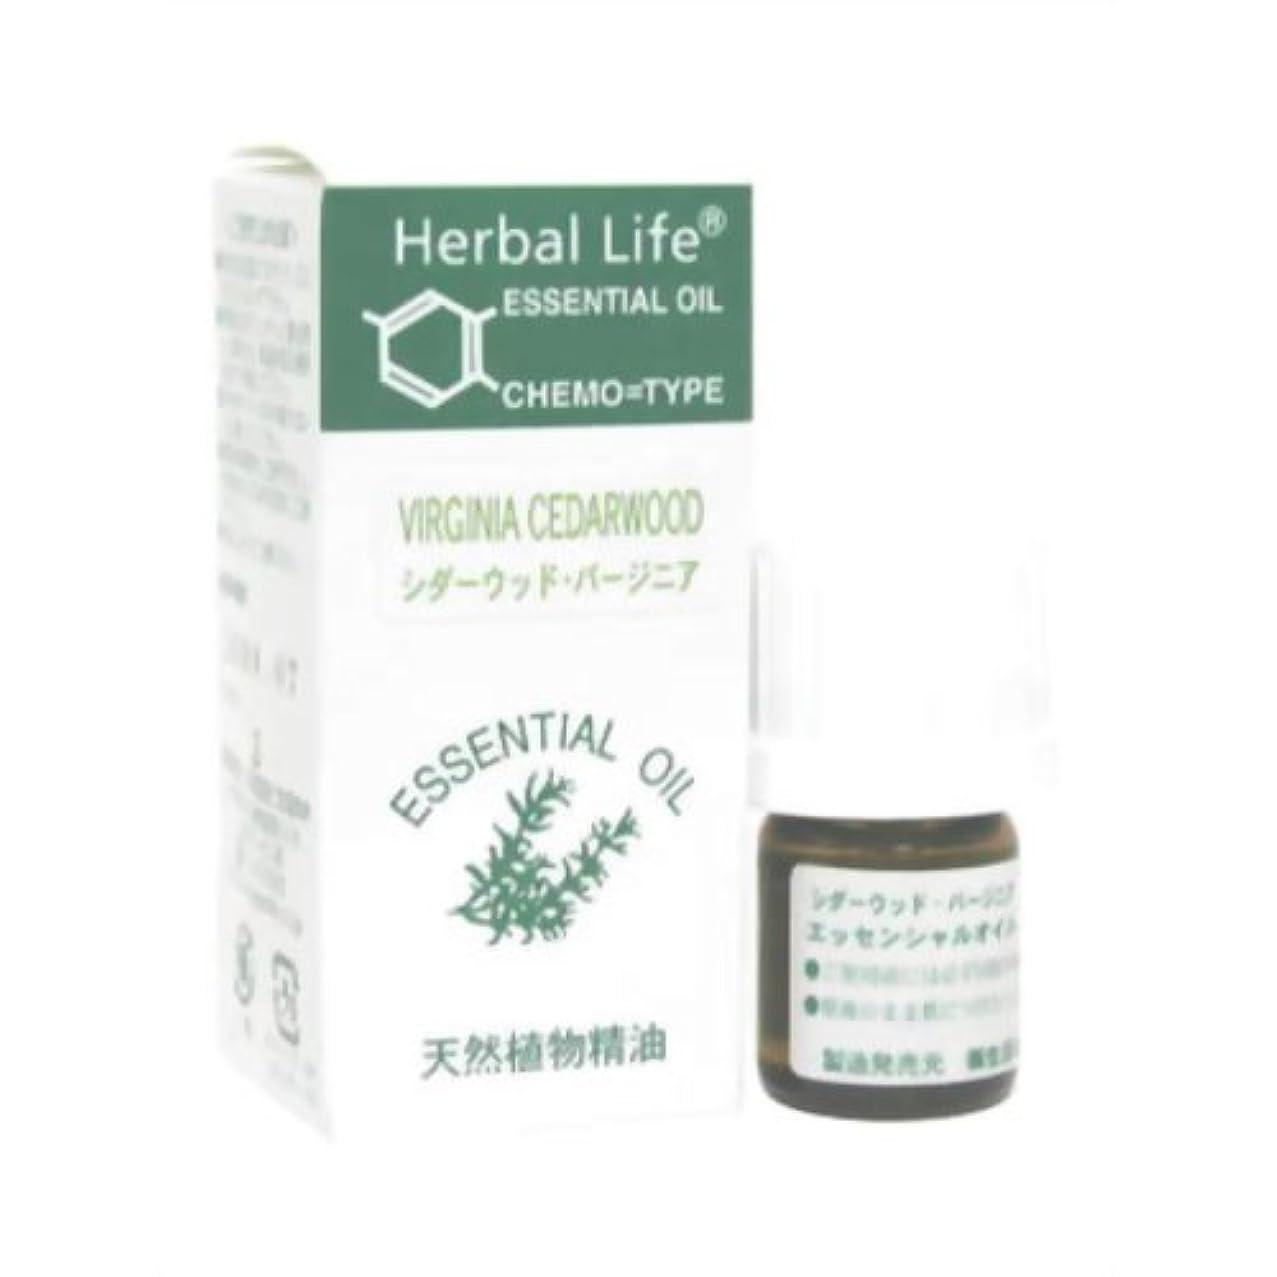 想定ピケキャスト生活の木 Herbal Life シダーウッド?バージニア 3ml